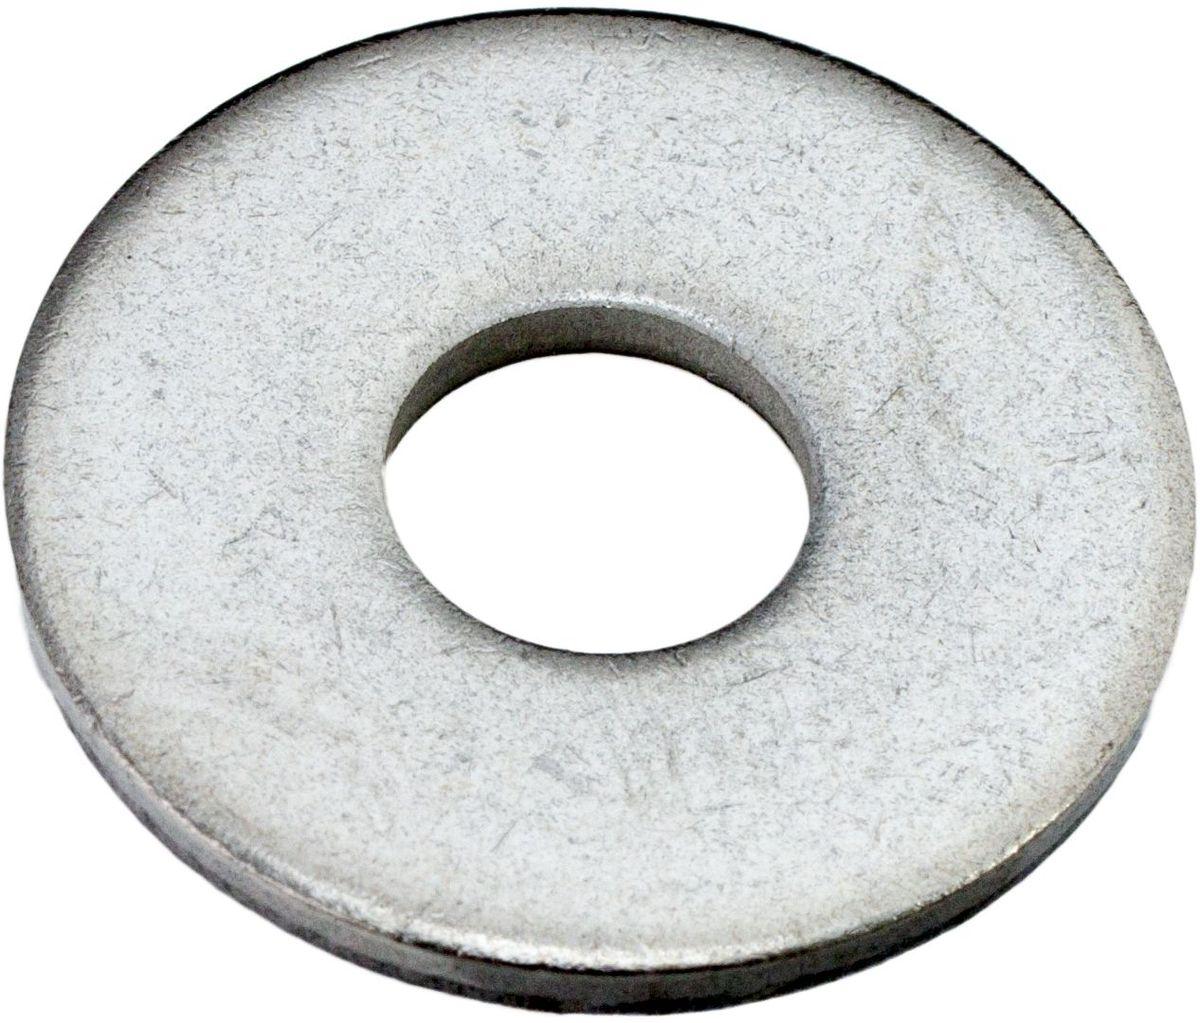 Шайба Стройбат, оцинкованная, кузовная, DIN 9021, 10 мм, 4 шт увеличенная шайба качественный крепеж плоская din 9021 м10 80 шт 0300967 кч